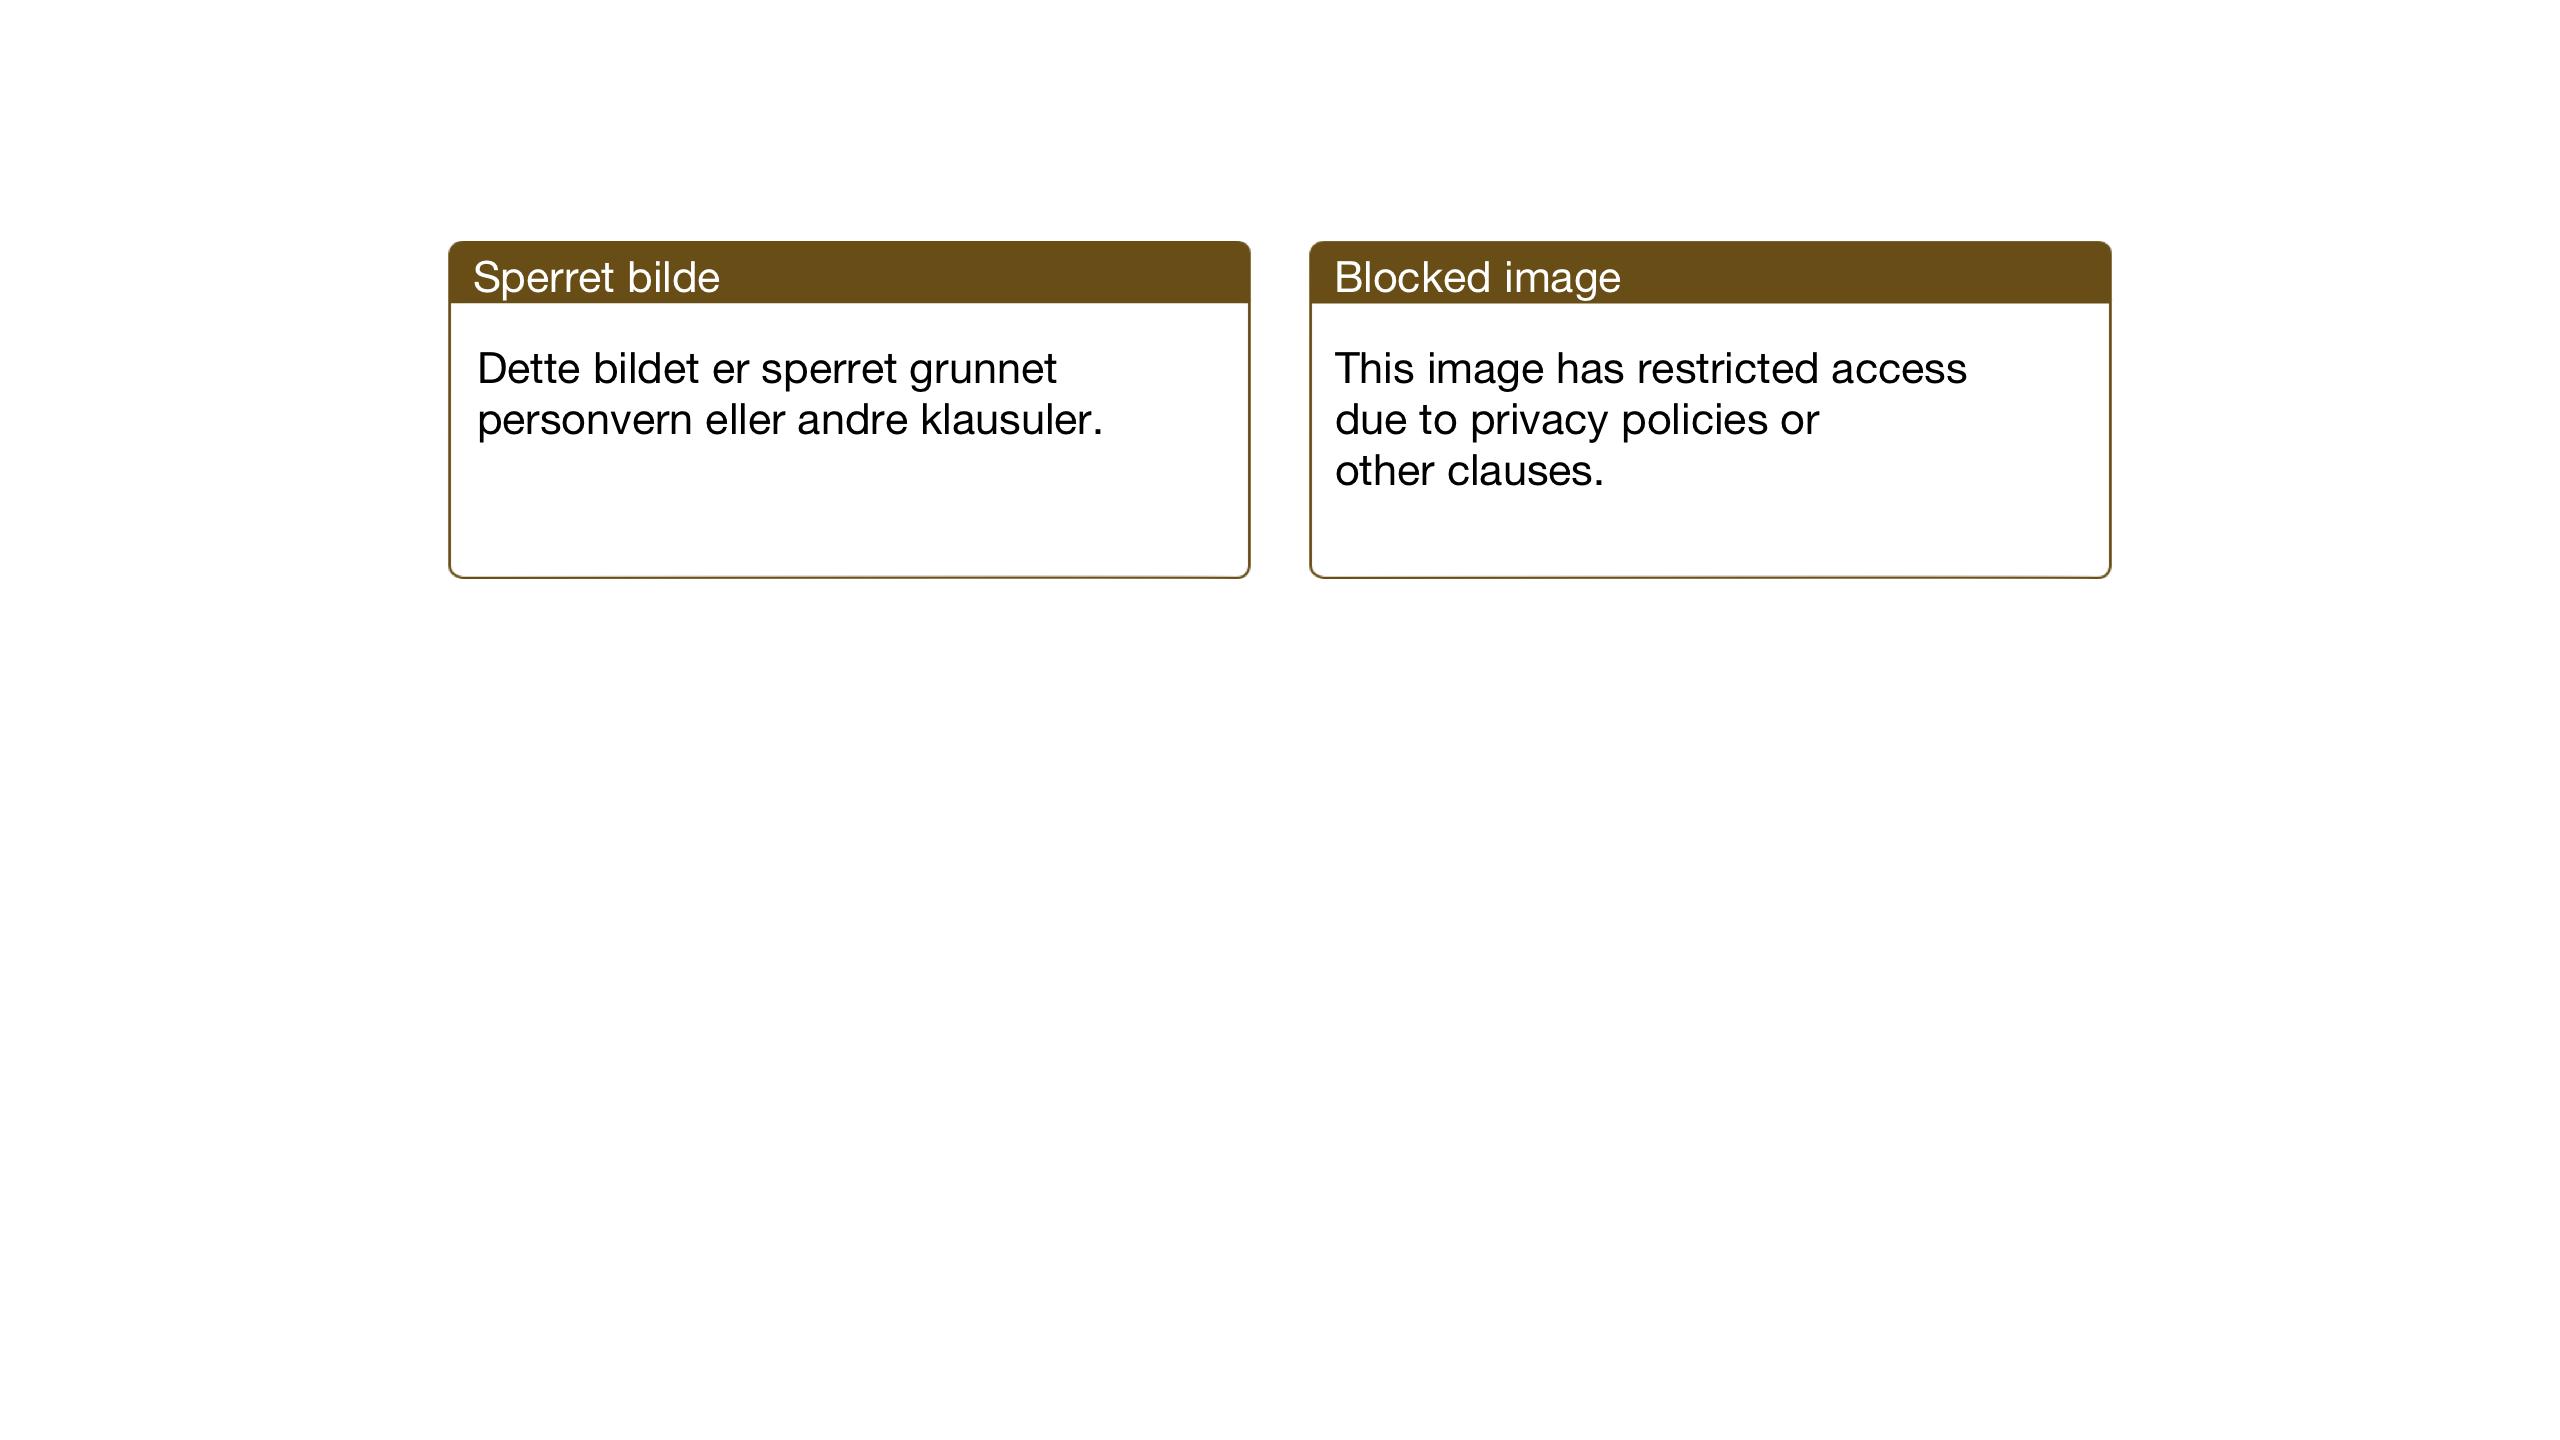 SAT, Ministerialprotokoller, klokkerbøker og fødselsregistre - Nord-Trøndelag, 768/L0583: Klokkerbok nr. 768C01, 1928-1953, s. 20